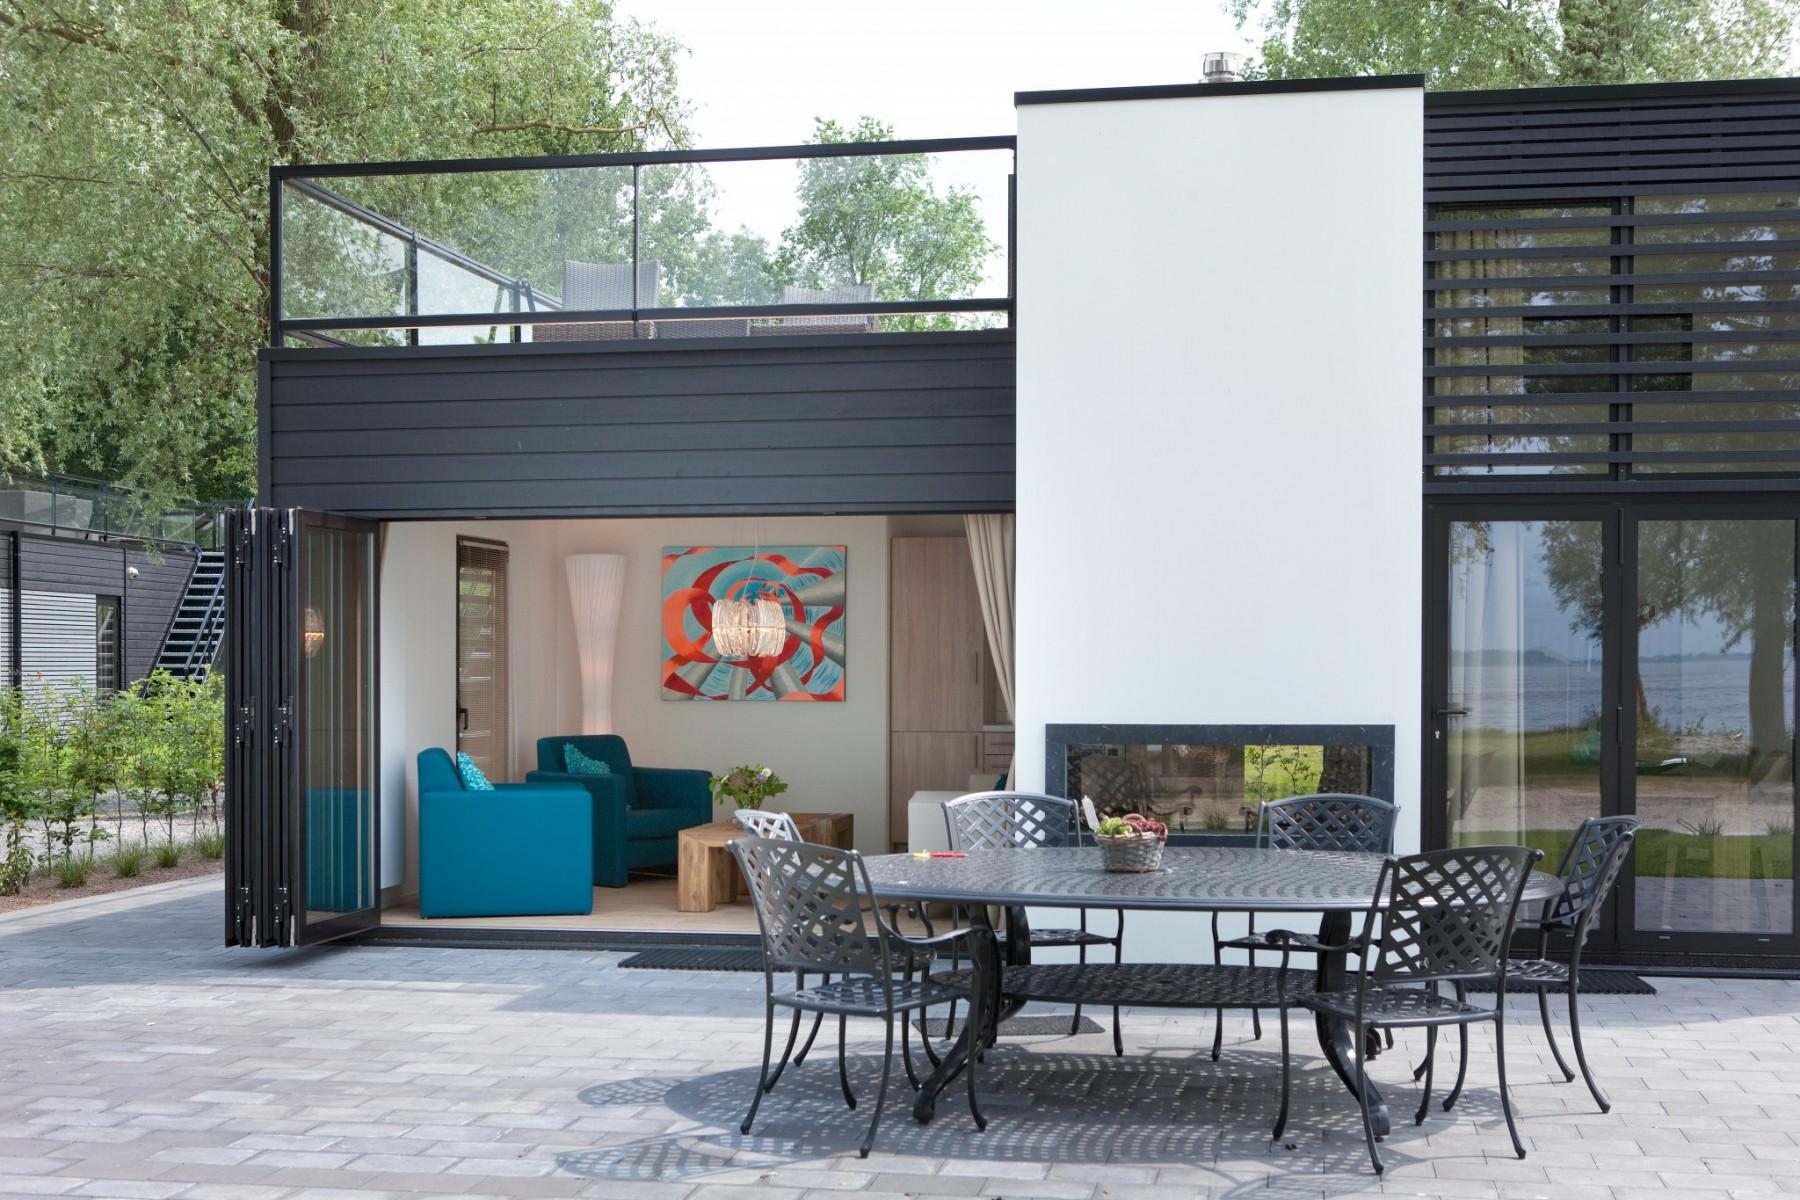 Doorkijkhaard KOTO van Wanders toegepast in de wand van een woning.  Hierdoor wordt het mogelijk om zowel buiten als binnen van de gashaard te genieten